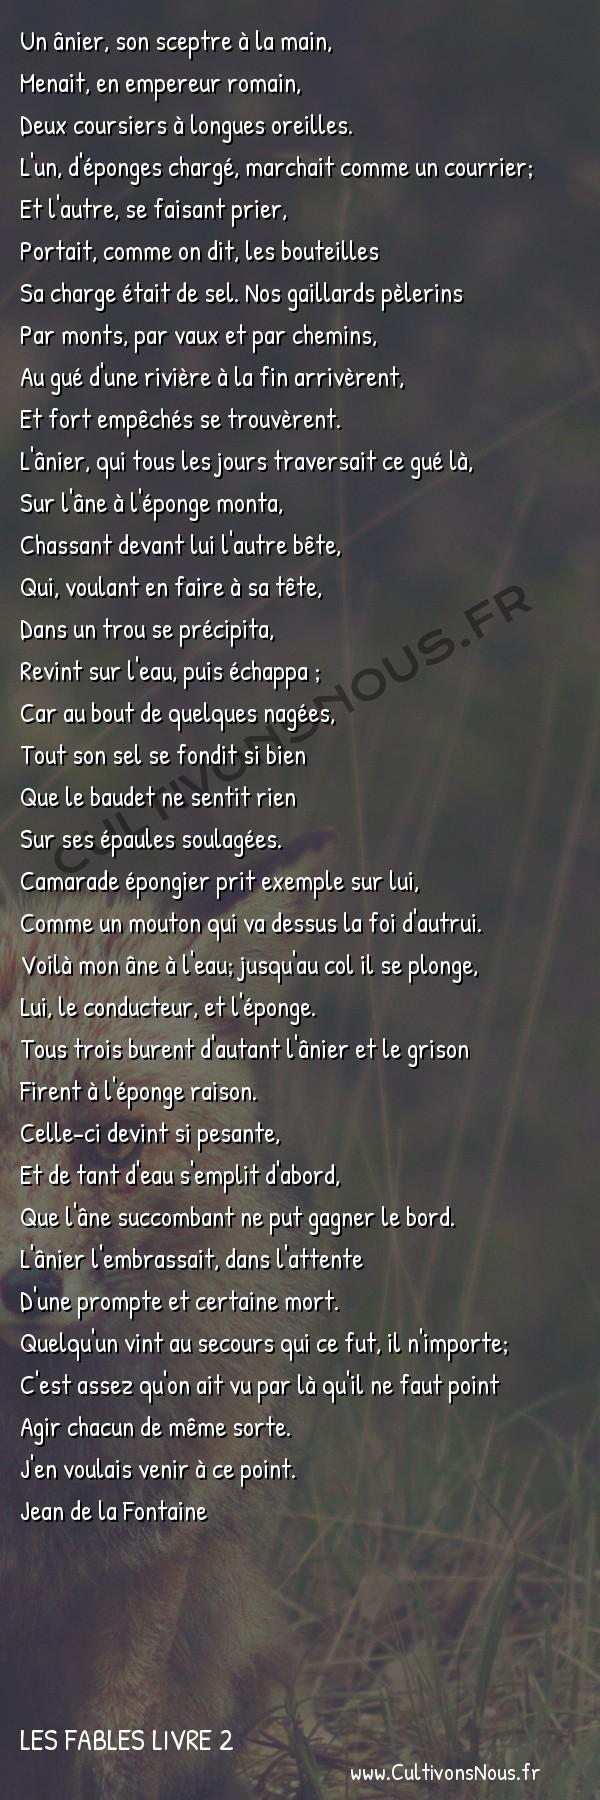 Fables Jean de la Fontaine - Les fables Livre 2 - L' Ane chargé d'éponges et l'Ane chargé de sel -   Un ânier, son sceptre à la main, Menait, en empereur romain,